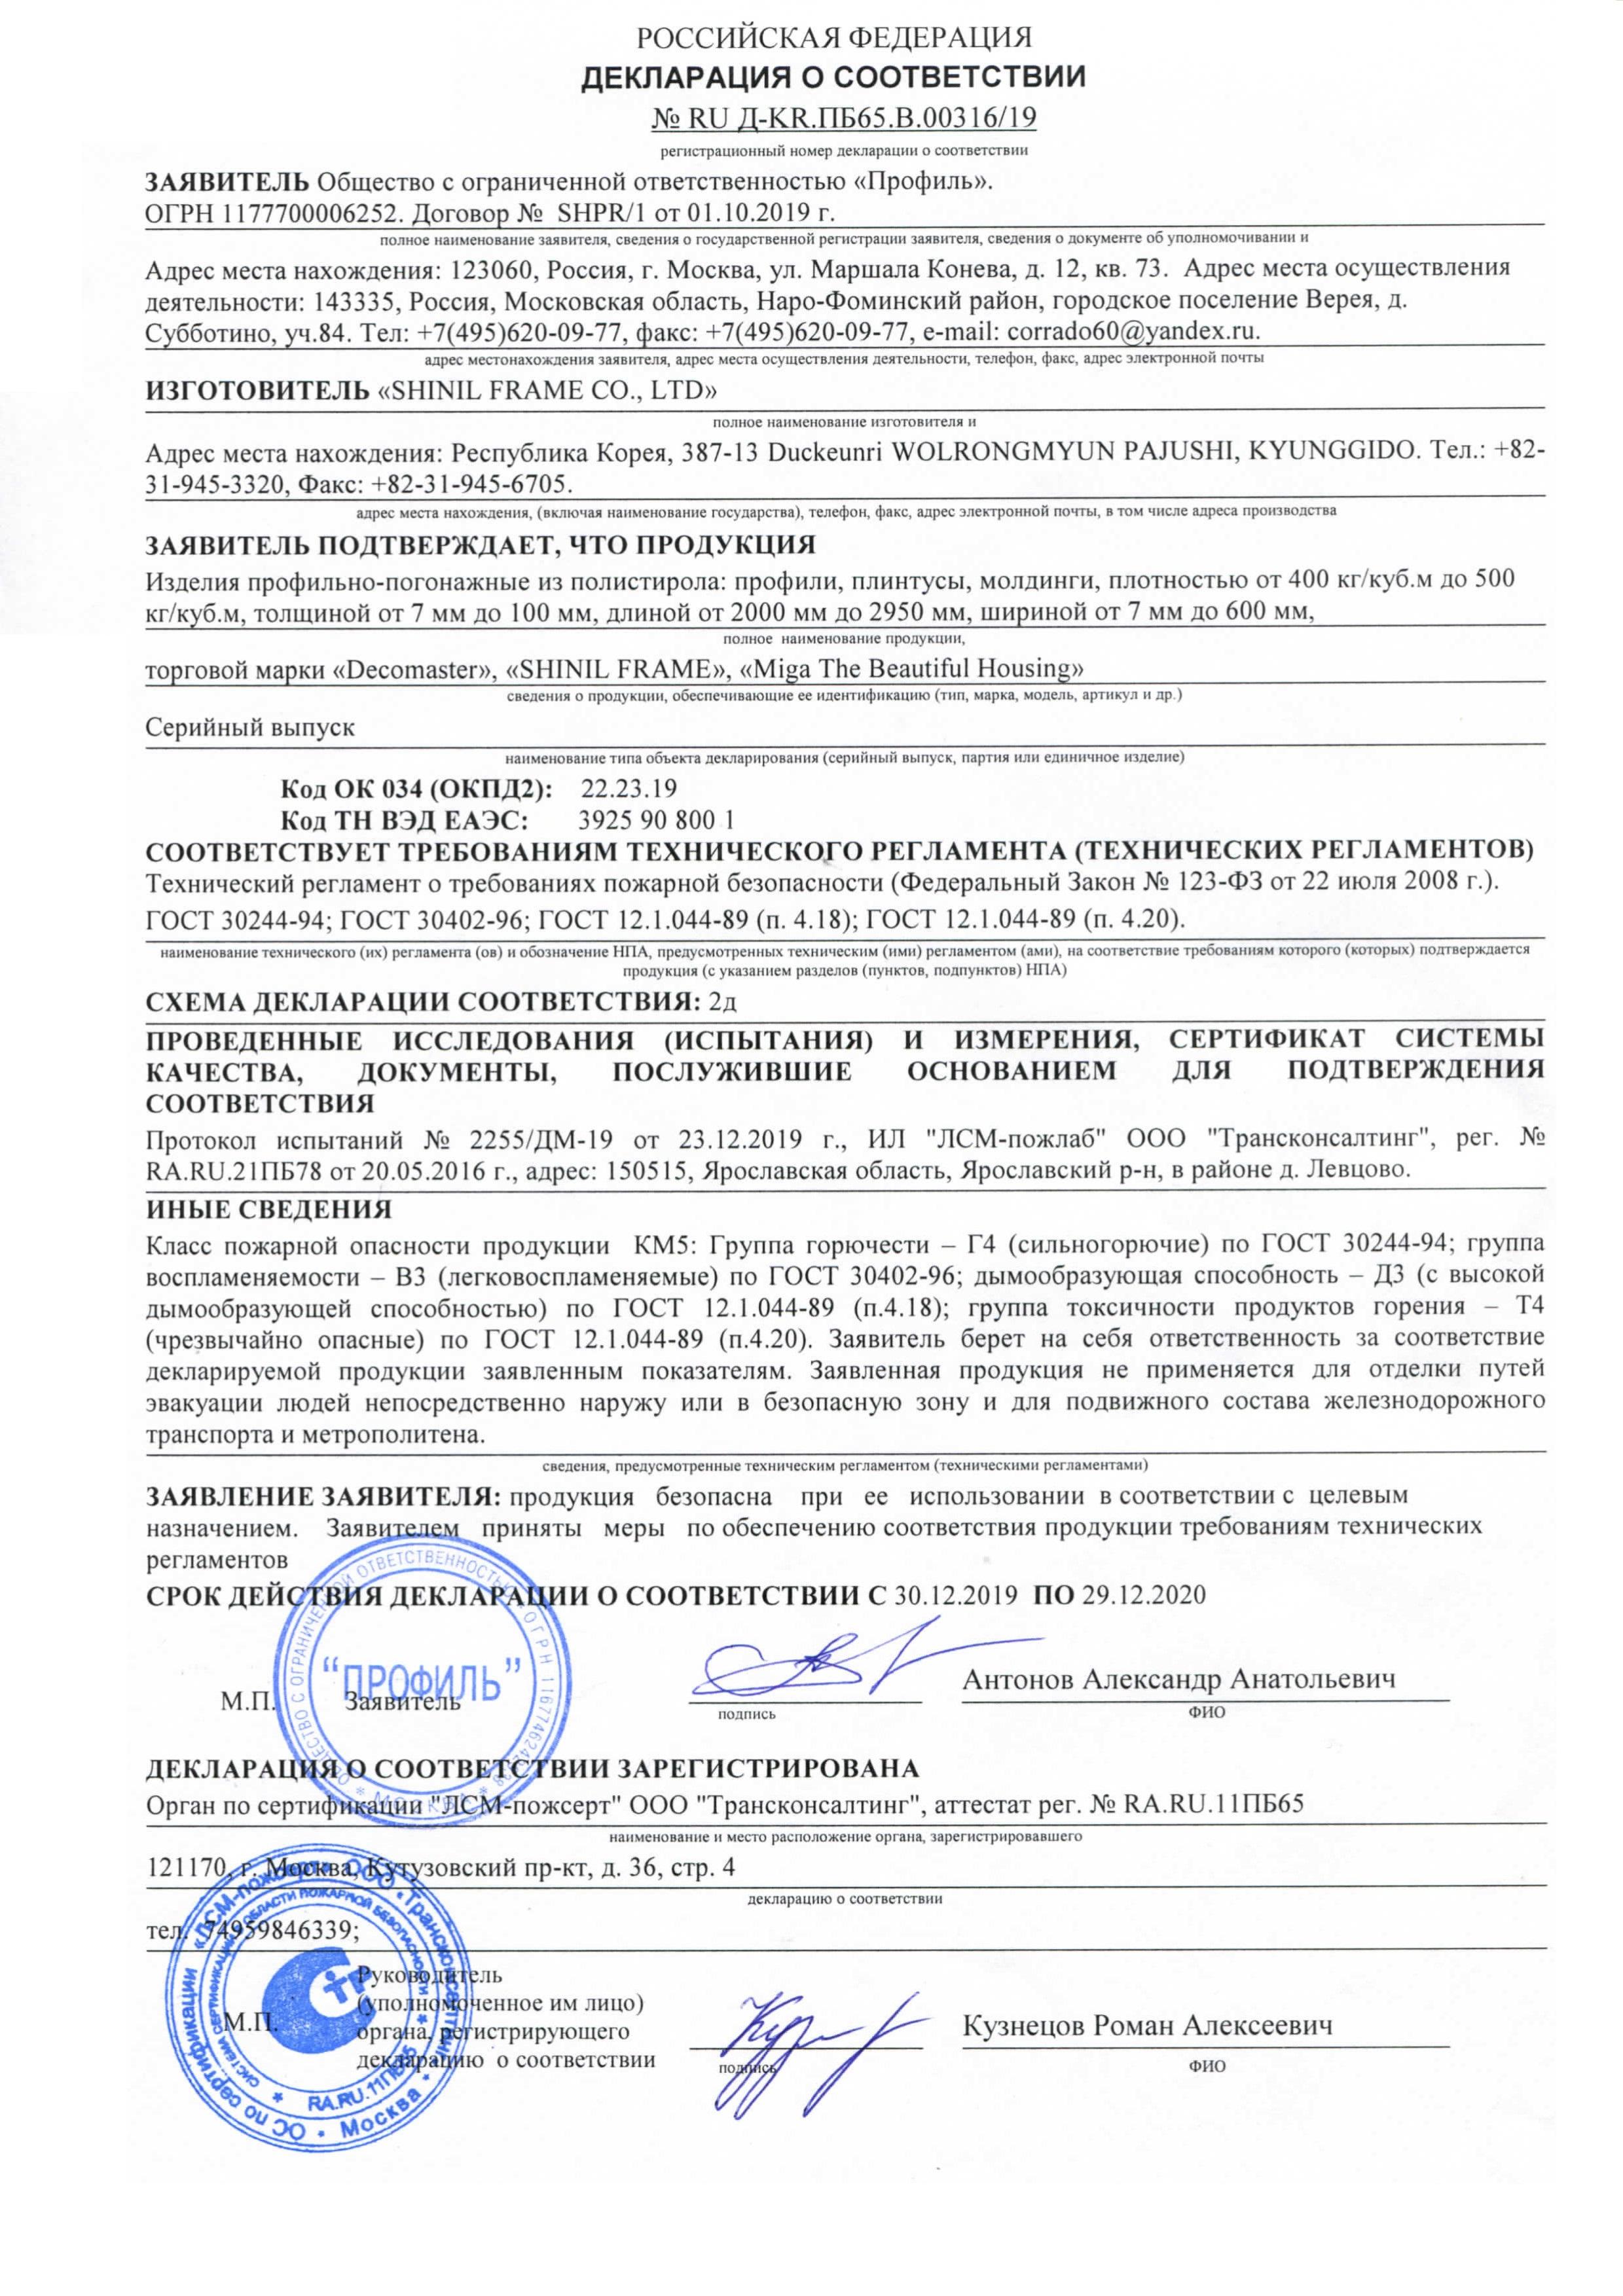 Сертификат_соответствия_3